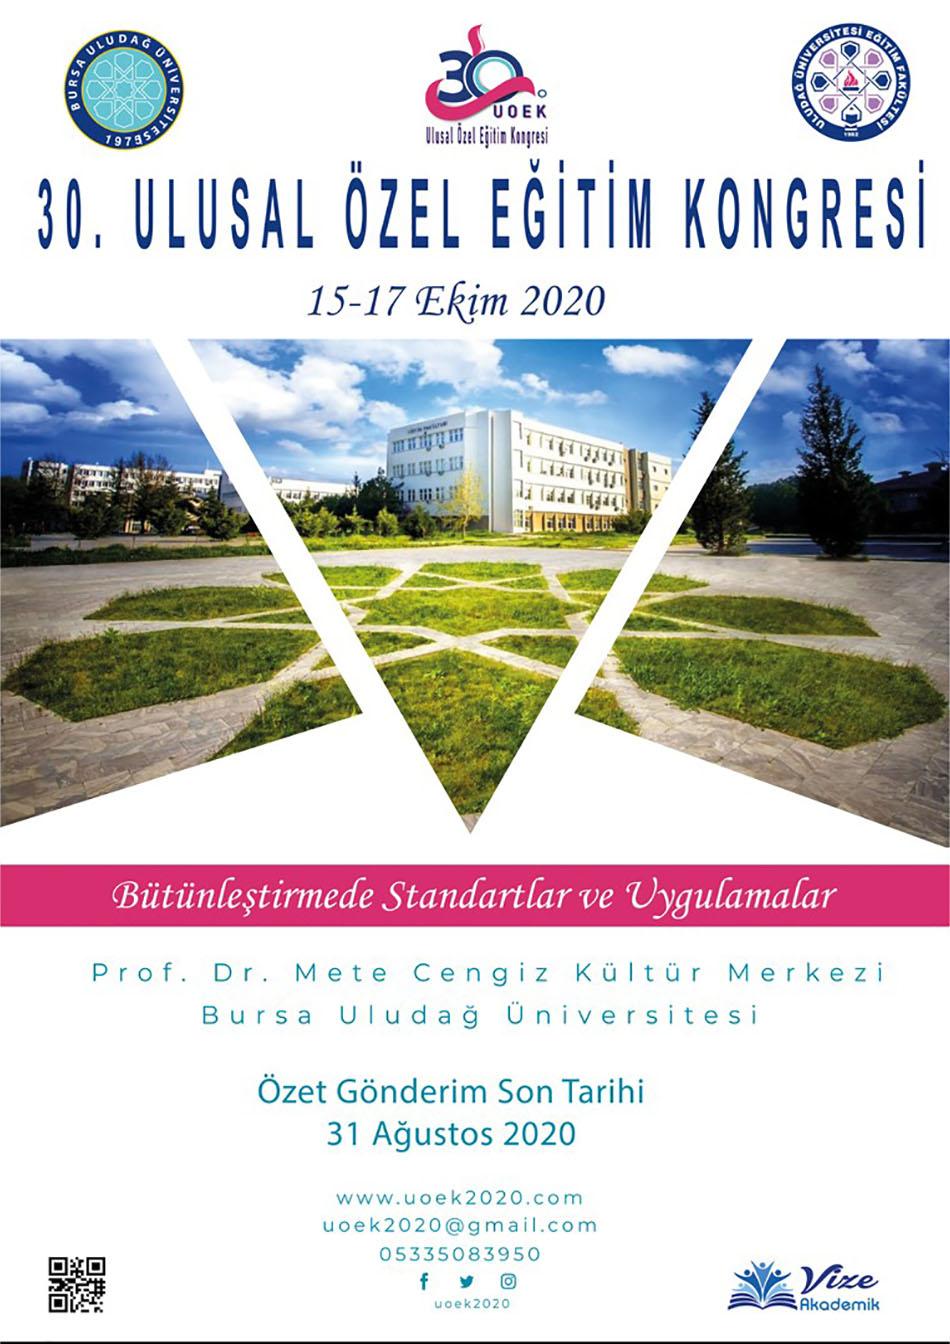 30. Ulusal Özel Eğitim Kongresi